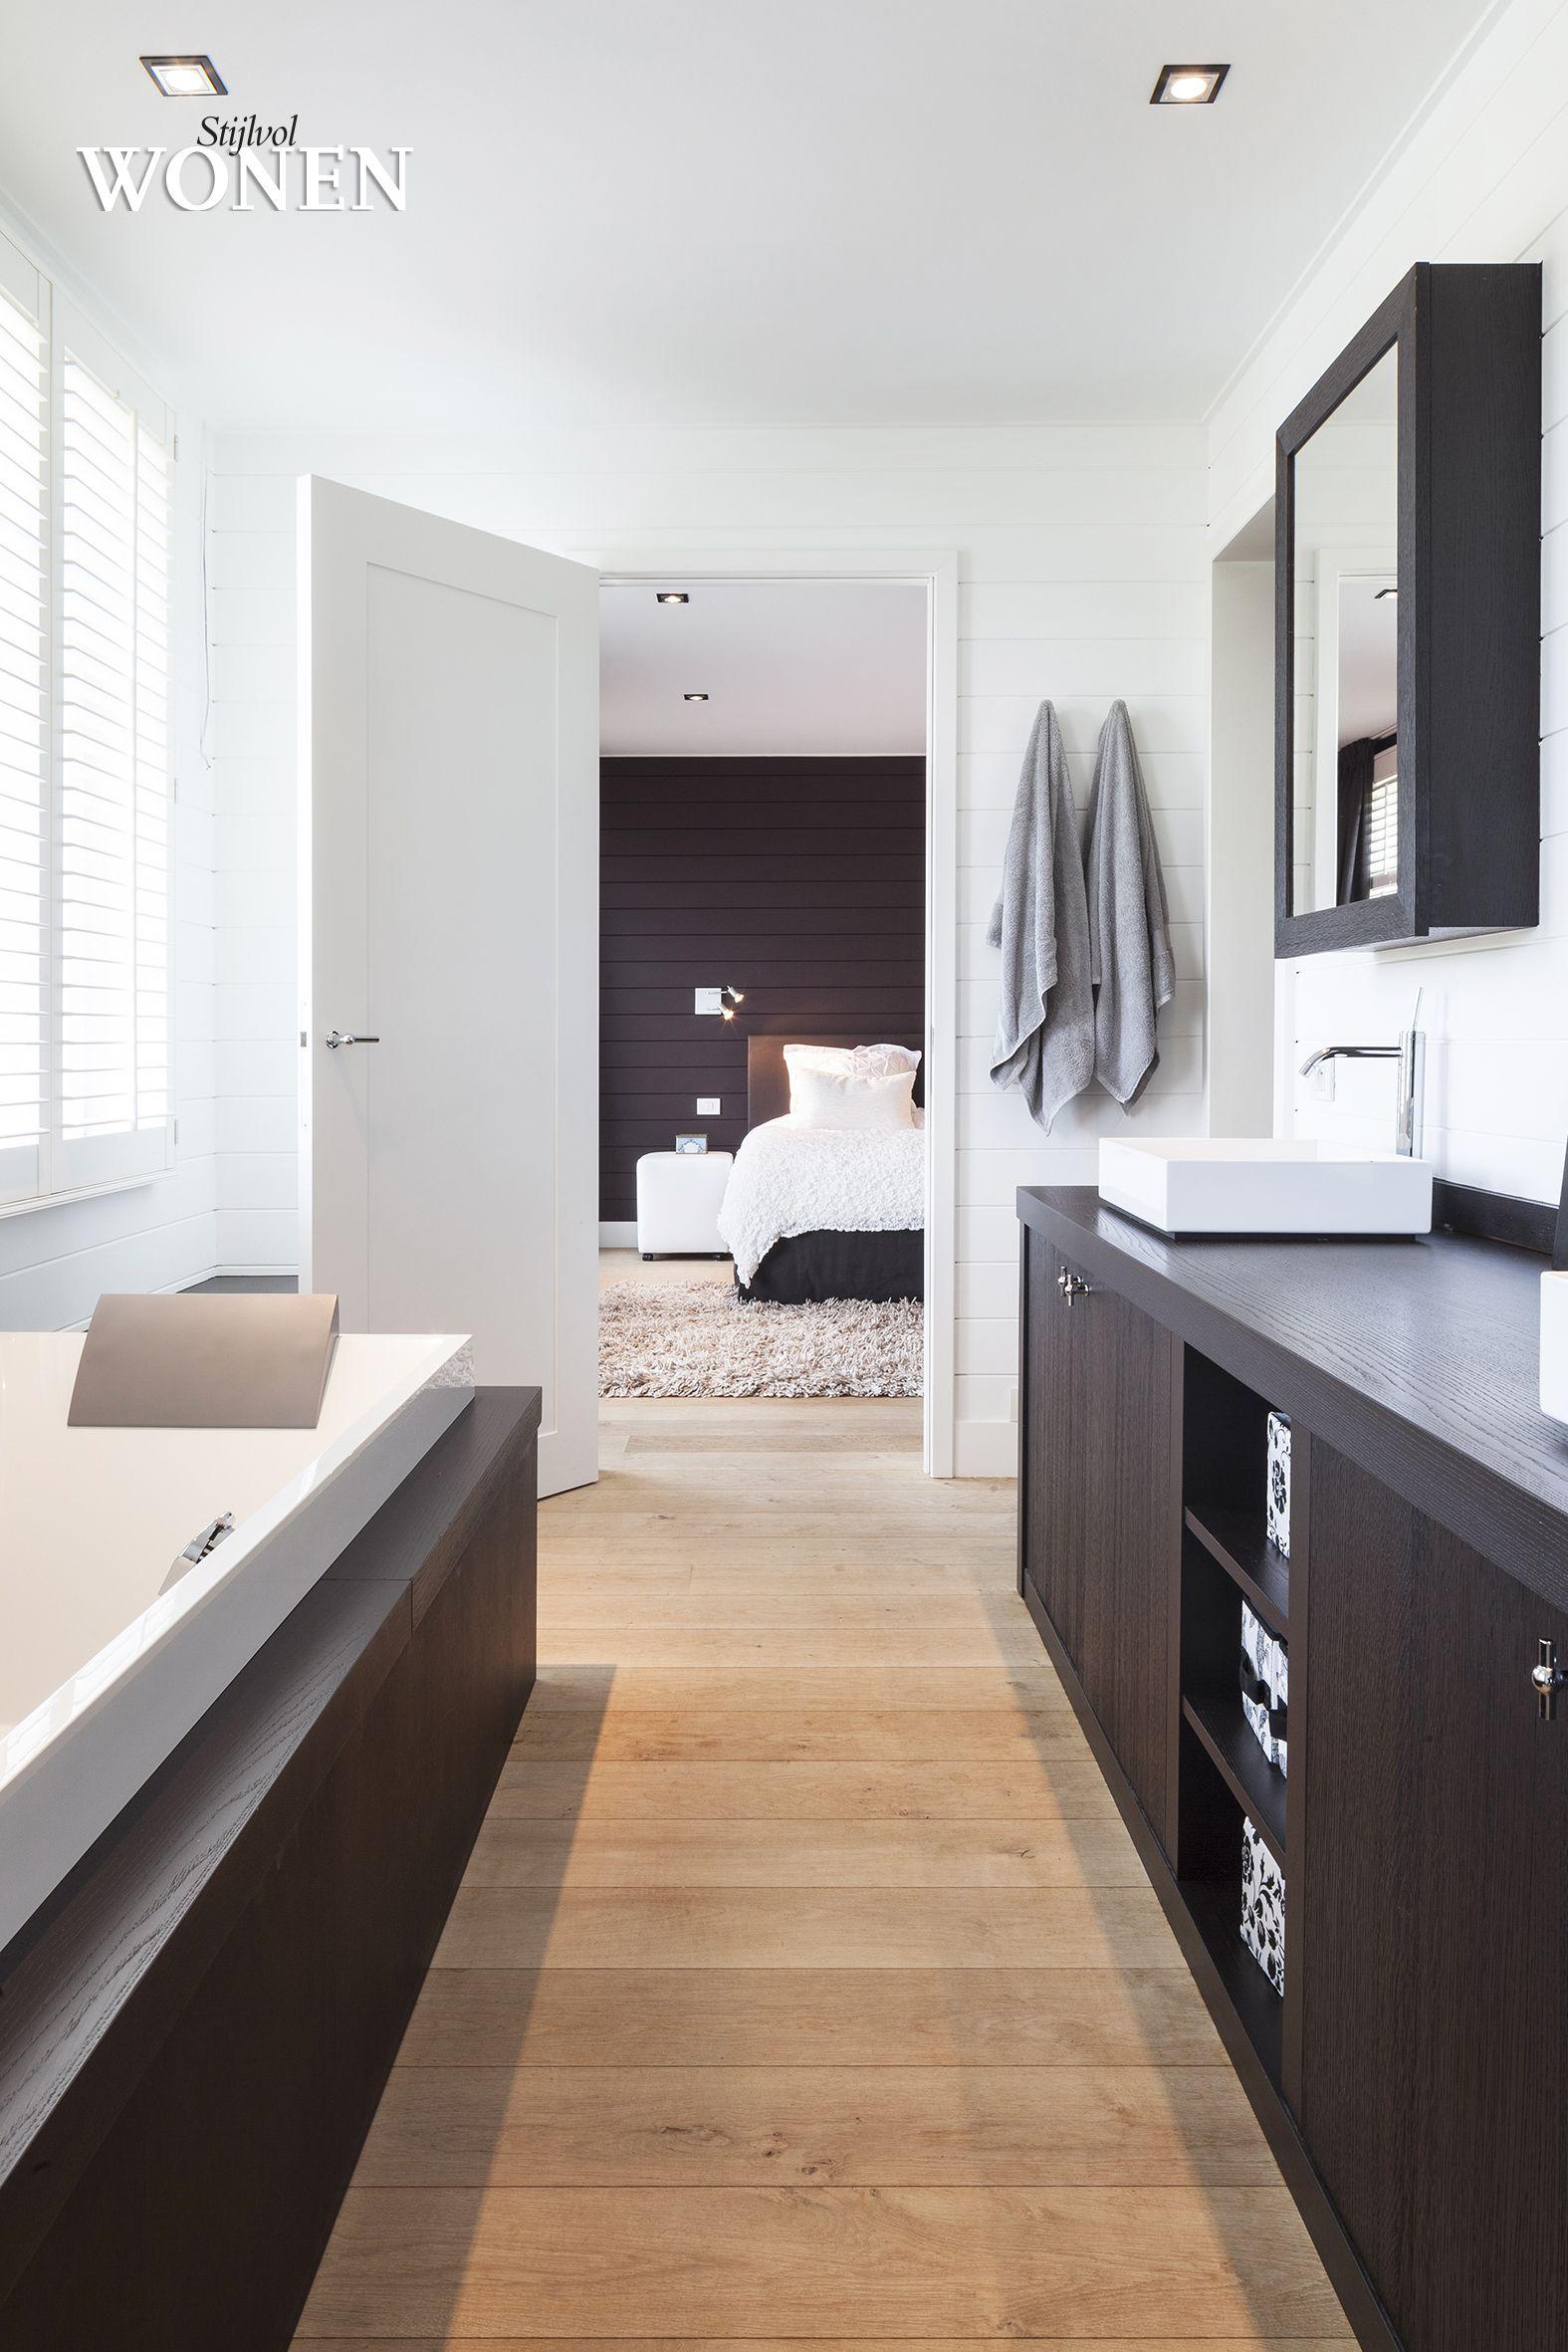 stijlvol wonen ontwerp mi casa fotografie tim van de velde #badkamer ...